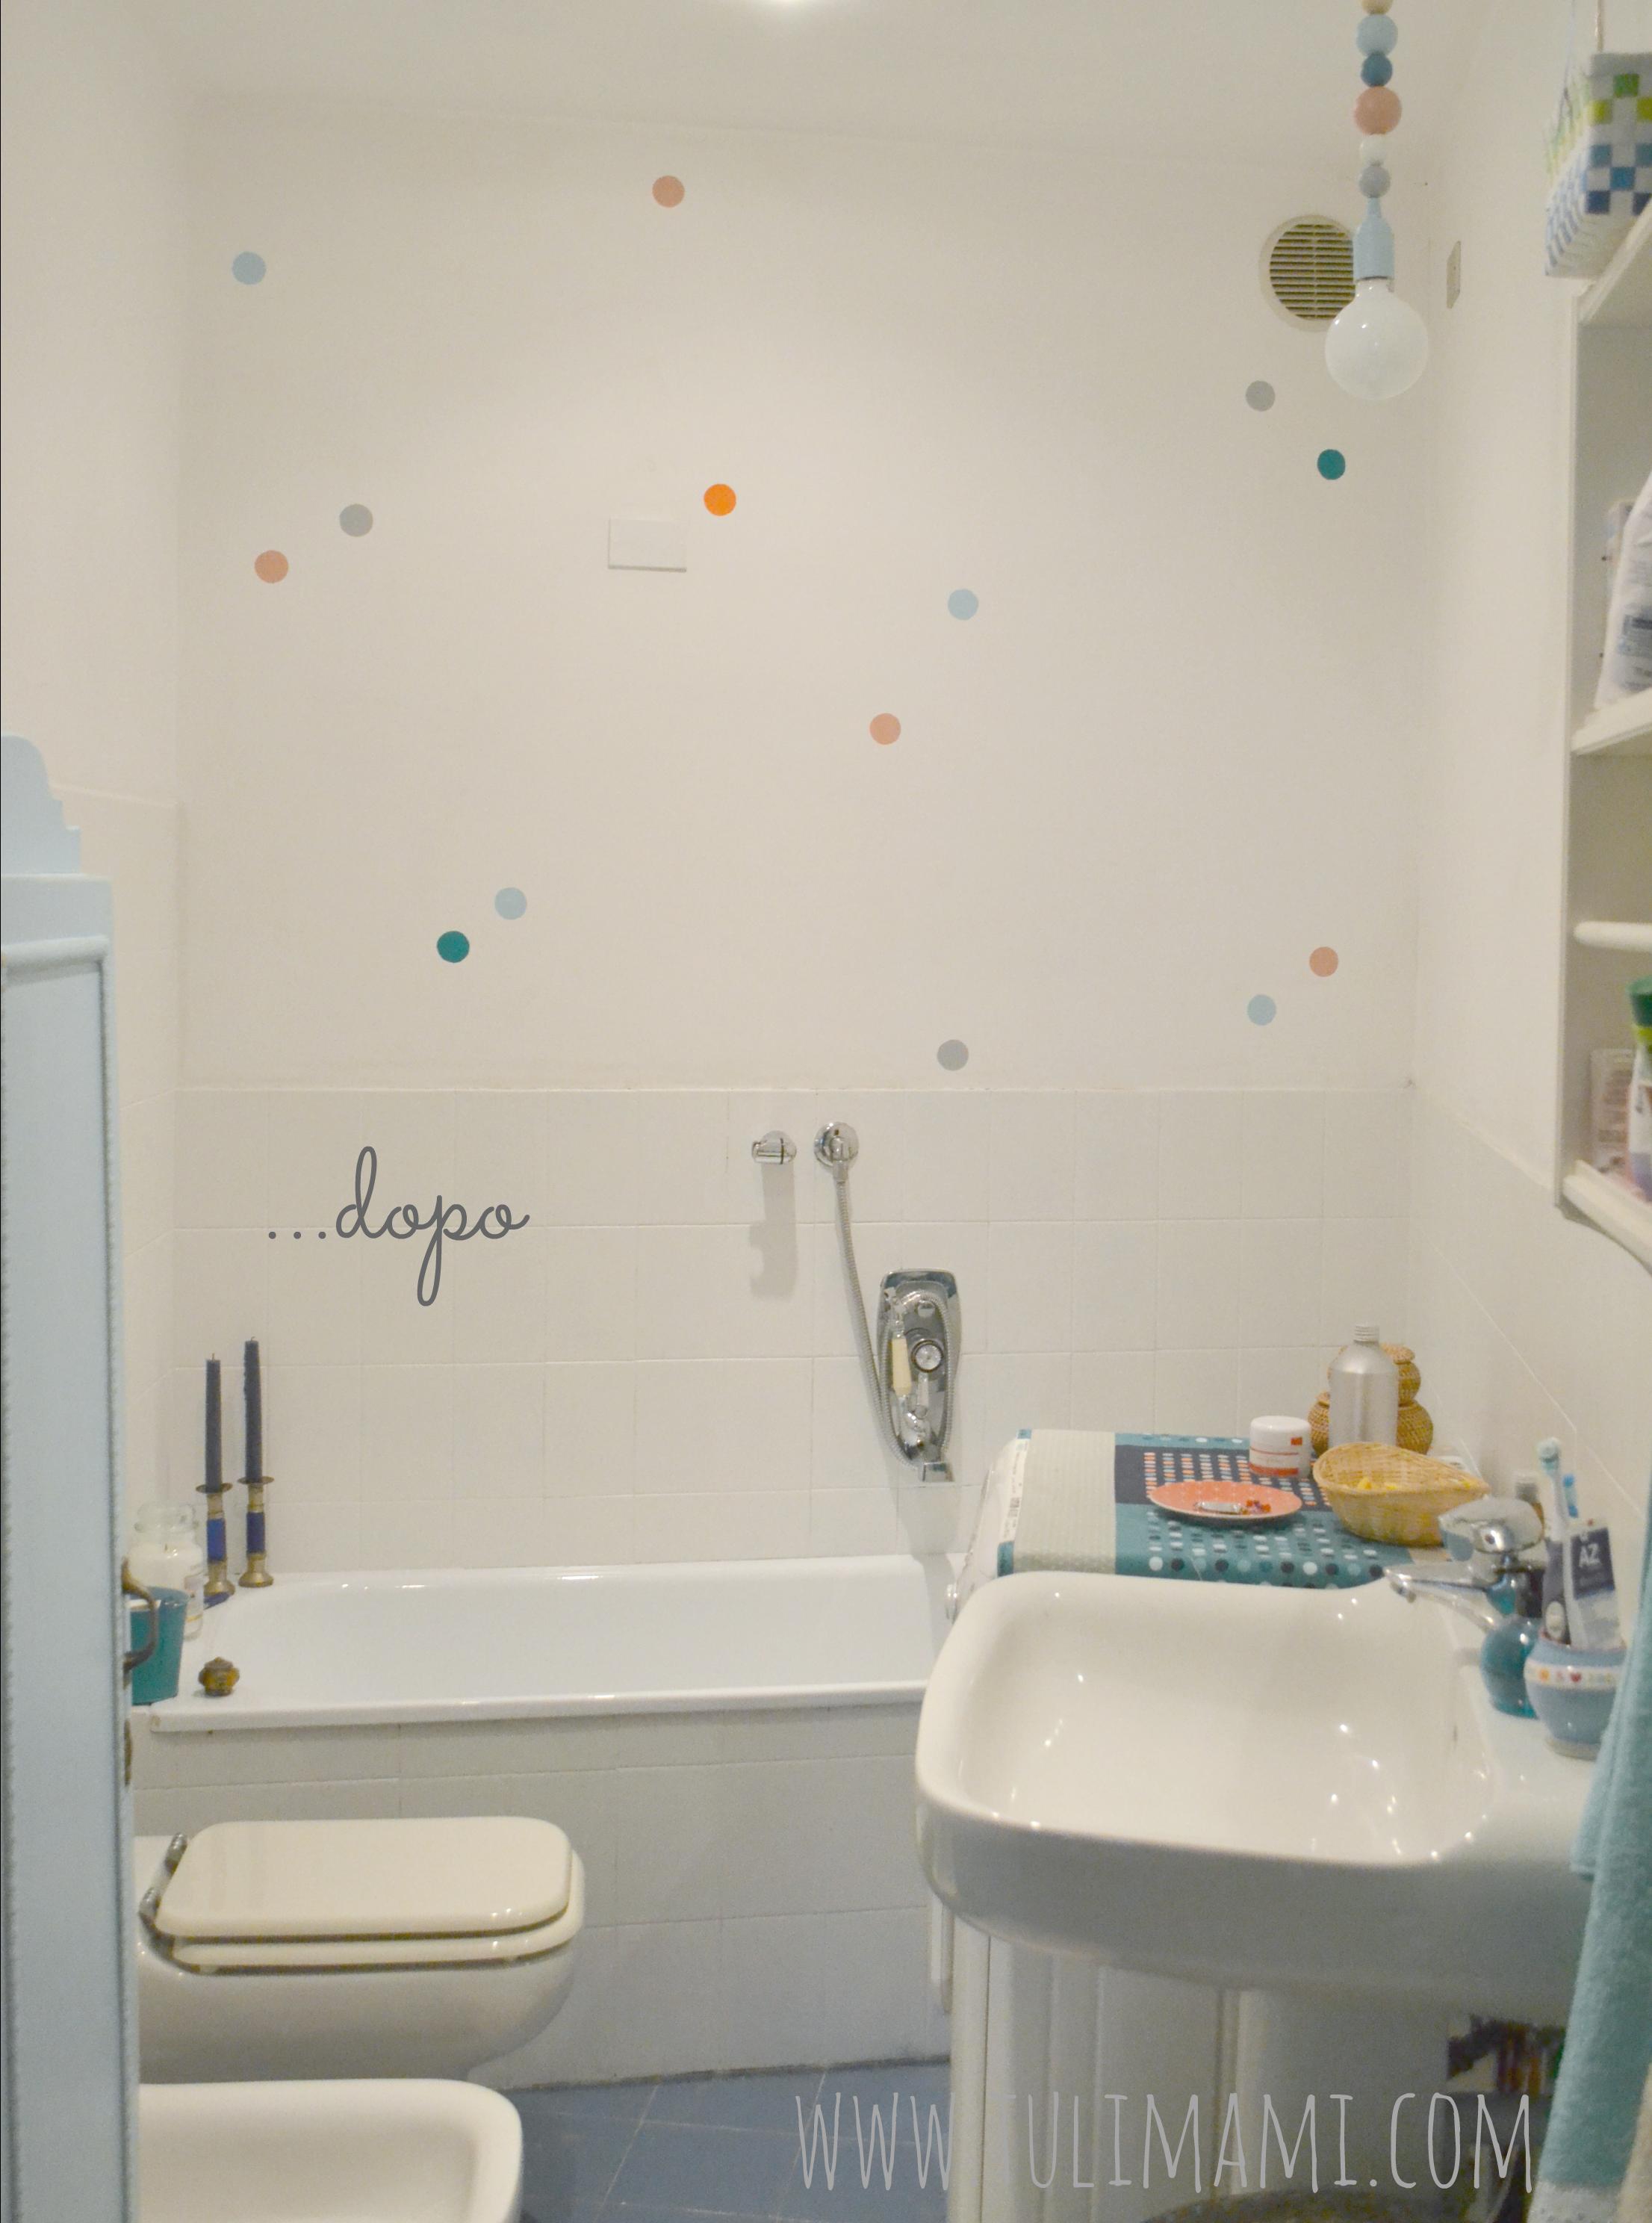 Il bagno ex brutto tulimami - Come scaldare il bagno ...